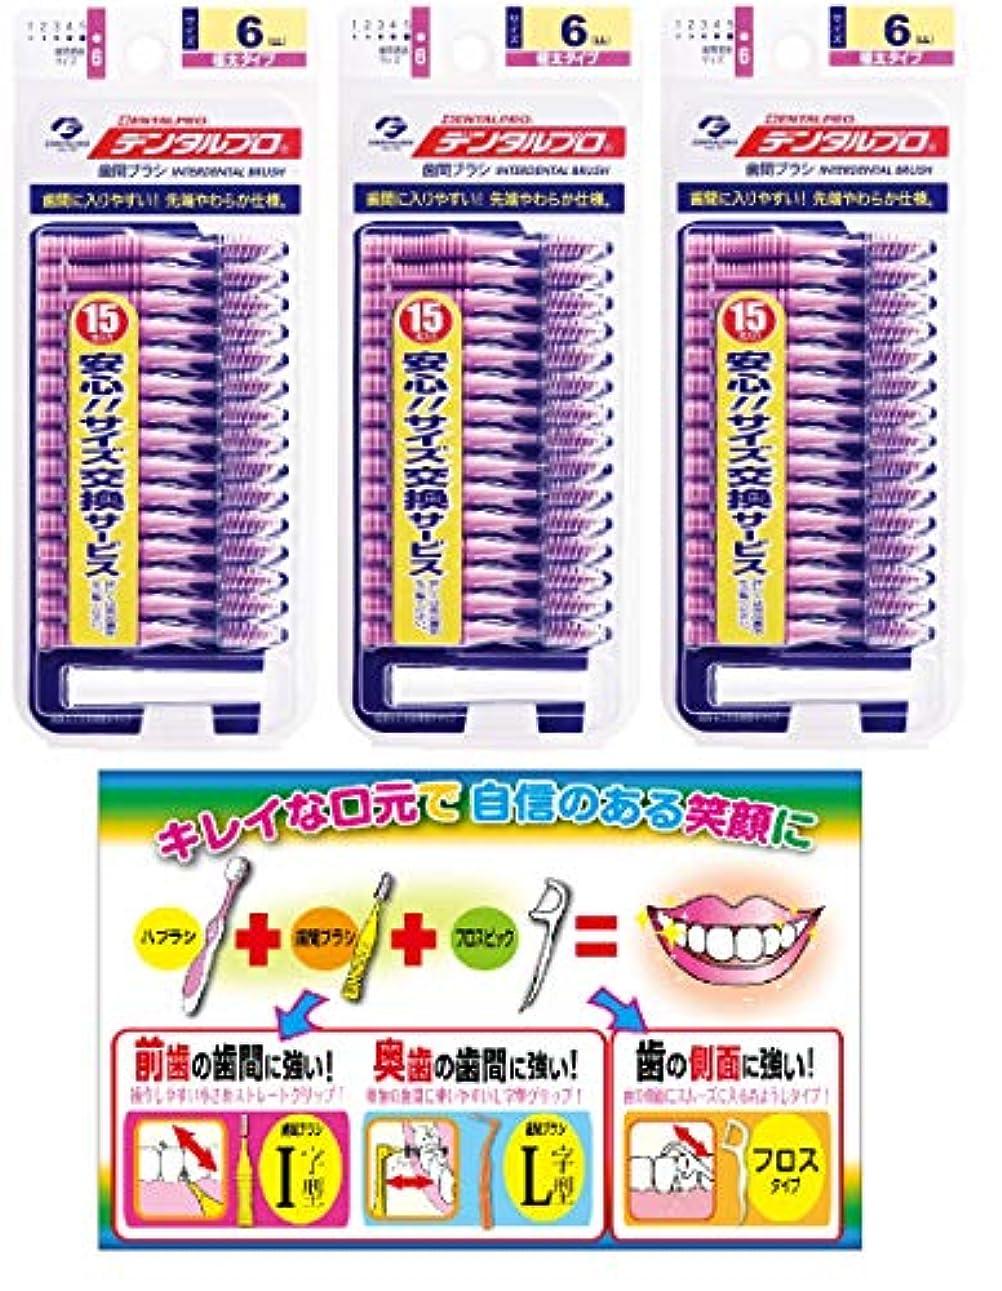 シネウィクローゼットデッキ【Amazon.co.jp限定】DP歯間ブラシ15Pサイズ6(LL)3P+リーフレット